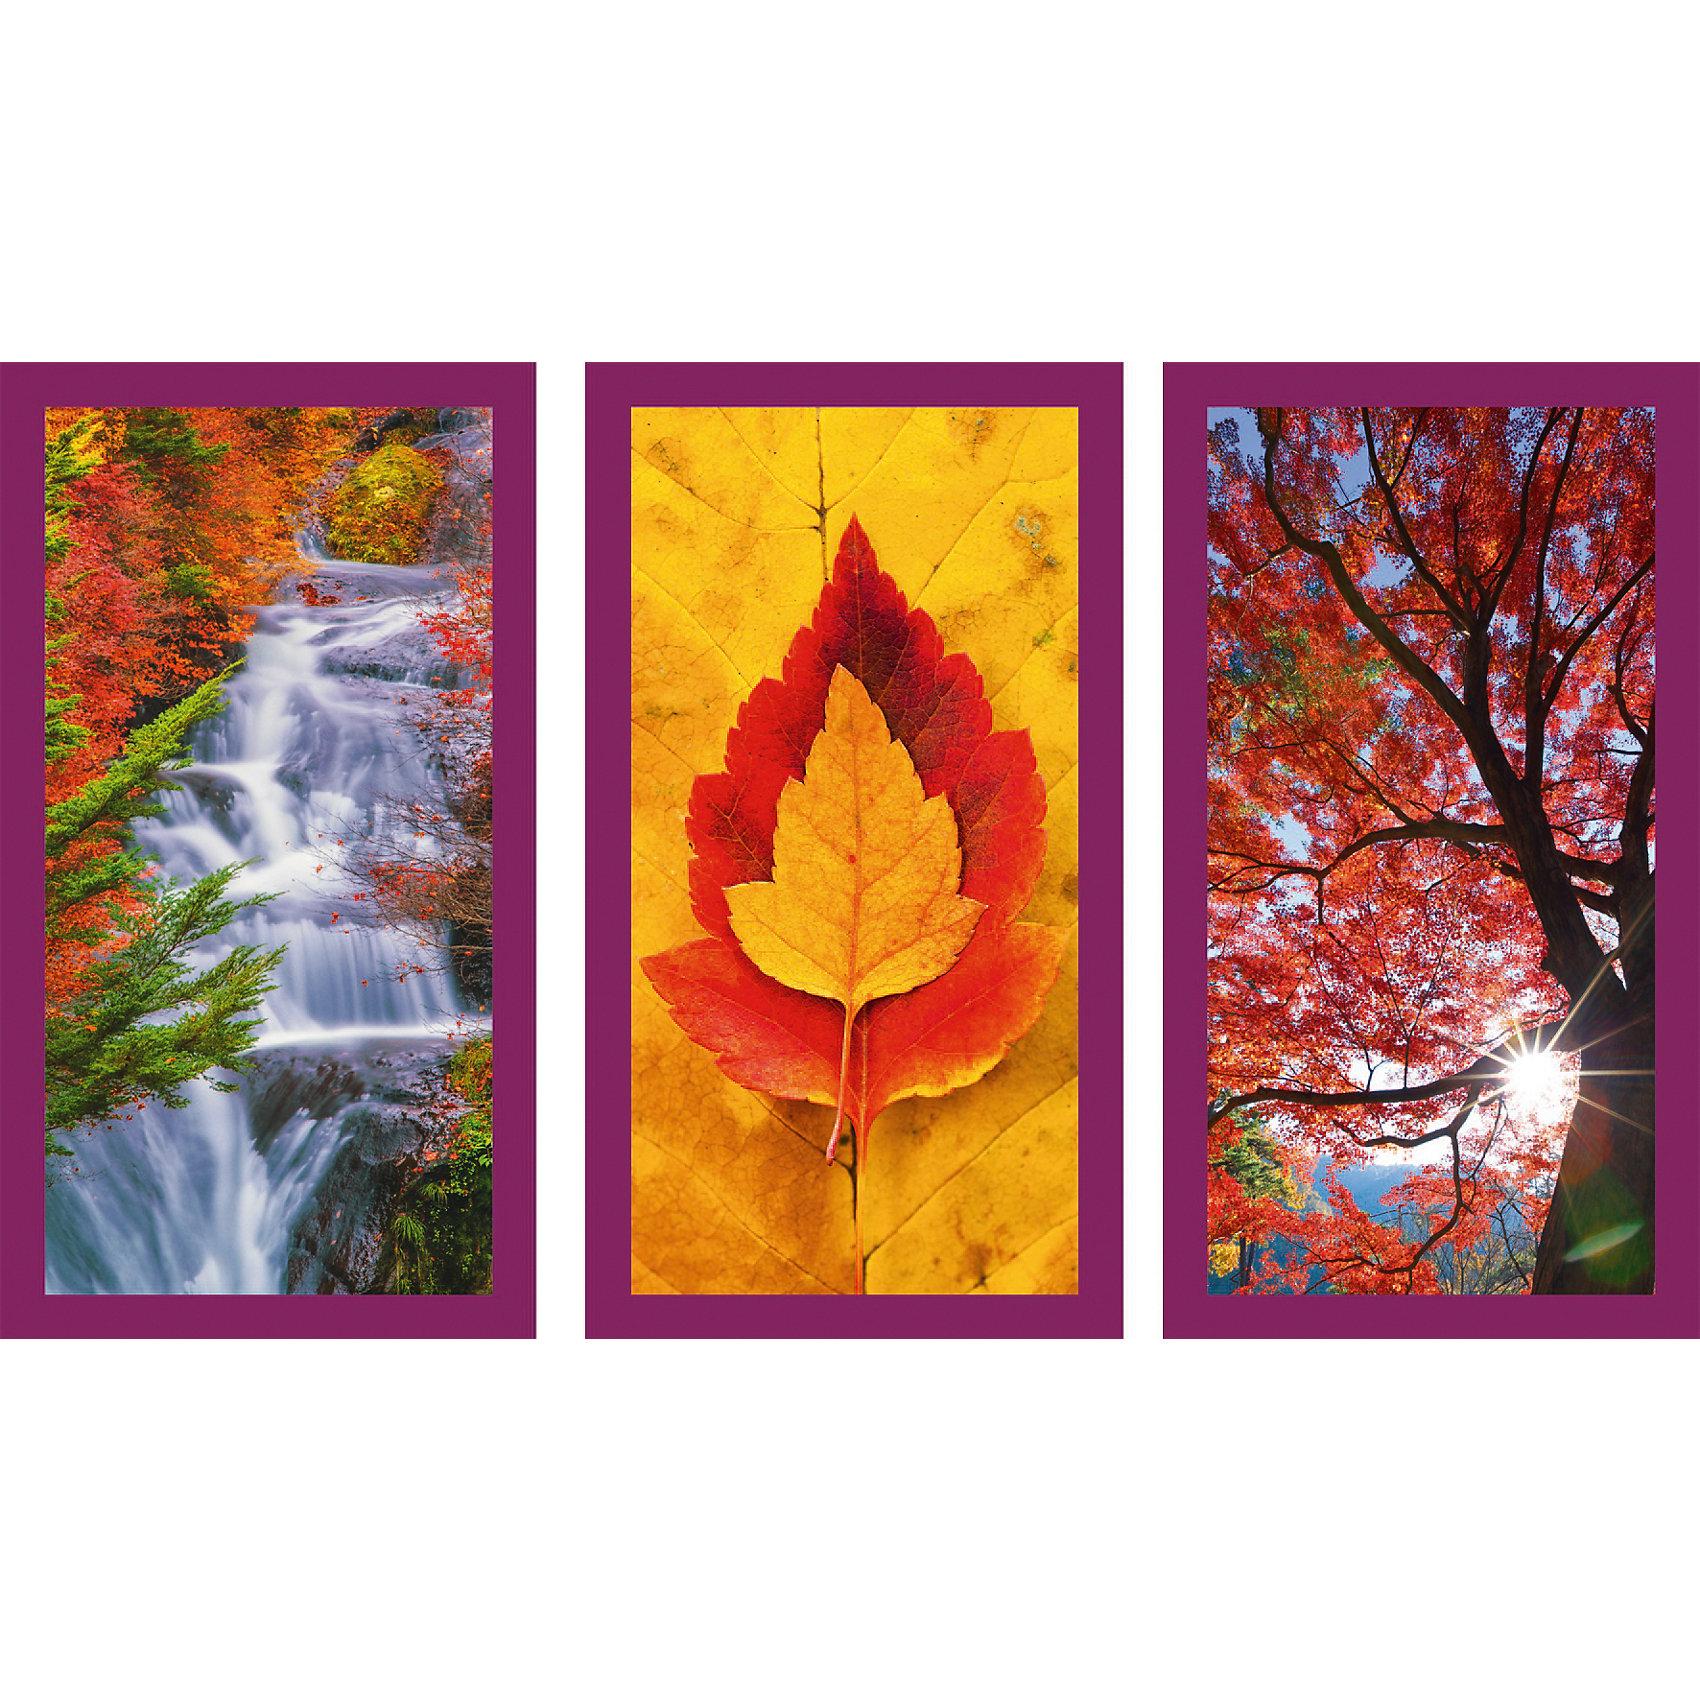 Пазл Осенние впечатления, 3х500 деталей, RavensburgerНабор пазлов 3 в 1 Осенние впечатления - это замечательный комплект для сборки трех удивительных изображений. Готовые картины посвящены теме осени, на них изображены деревья с красными листьями, водопад с чистейшей водой на фоне красивого пейзажа и красно-желтые листики. Детали пазлов выполнены из качественного картона и плотно присоединяются друг к другу без затруднений. У них своя определенная форма, и они подходят только на свои места. Готовыми изображениями можно разнообразить интерьер комнаты<br>В товар входит:<br>-500 деталей<br><br>Дополнительная информация:<br>-Размер картинки 61*46 см <br>-Размер упаковки 33*23*5,5 см <br>-Возраст: от 9 лет<br>-Для девочек и мальчиков<br>-Состав: картон, бумага<br>-Бренд: Ravensburger (Равенсбургер)<br>-Страна обладатель бренда: Германия<br><br>Ширина мм: 370<br>Глубина мм: 55<br>Высота мм: 270<br>Вес г: 1117<br>Возраст от месяцев: 144<br>Возраст до месяцев: 1164<br>Пол: Унисекс<br>Возраст: Детский<br>SKU: 1442527